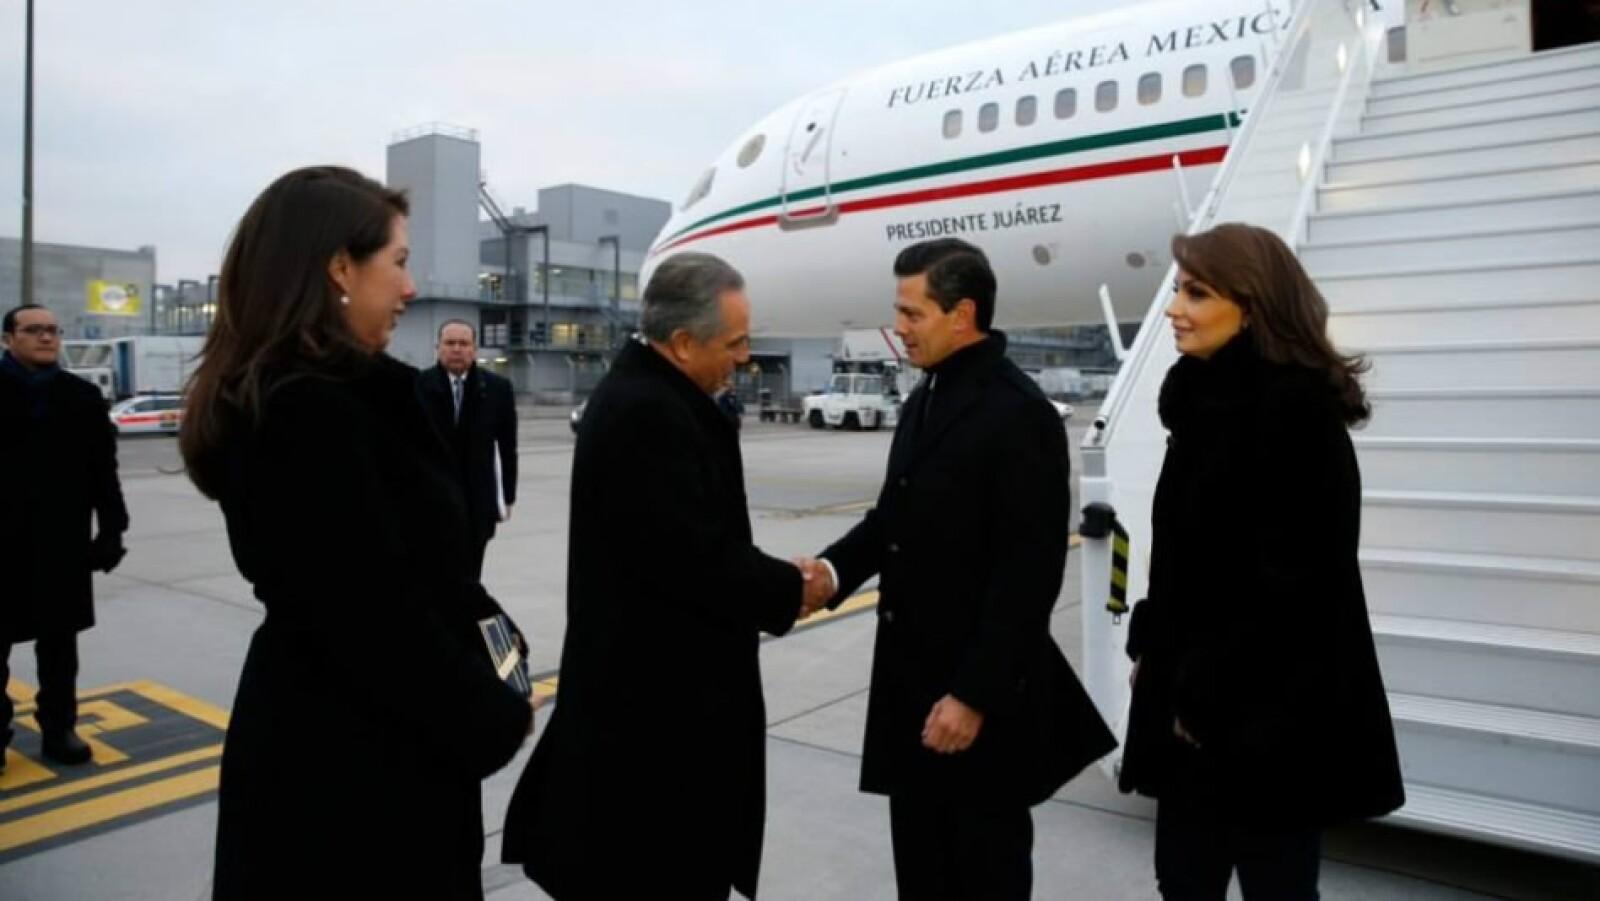 Enrique Pena Nieto y Angelica Rivera llegan al Foro Economico Mundial en Davos Suiza